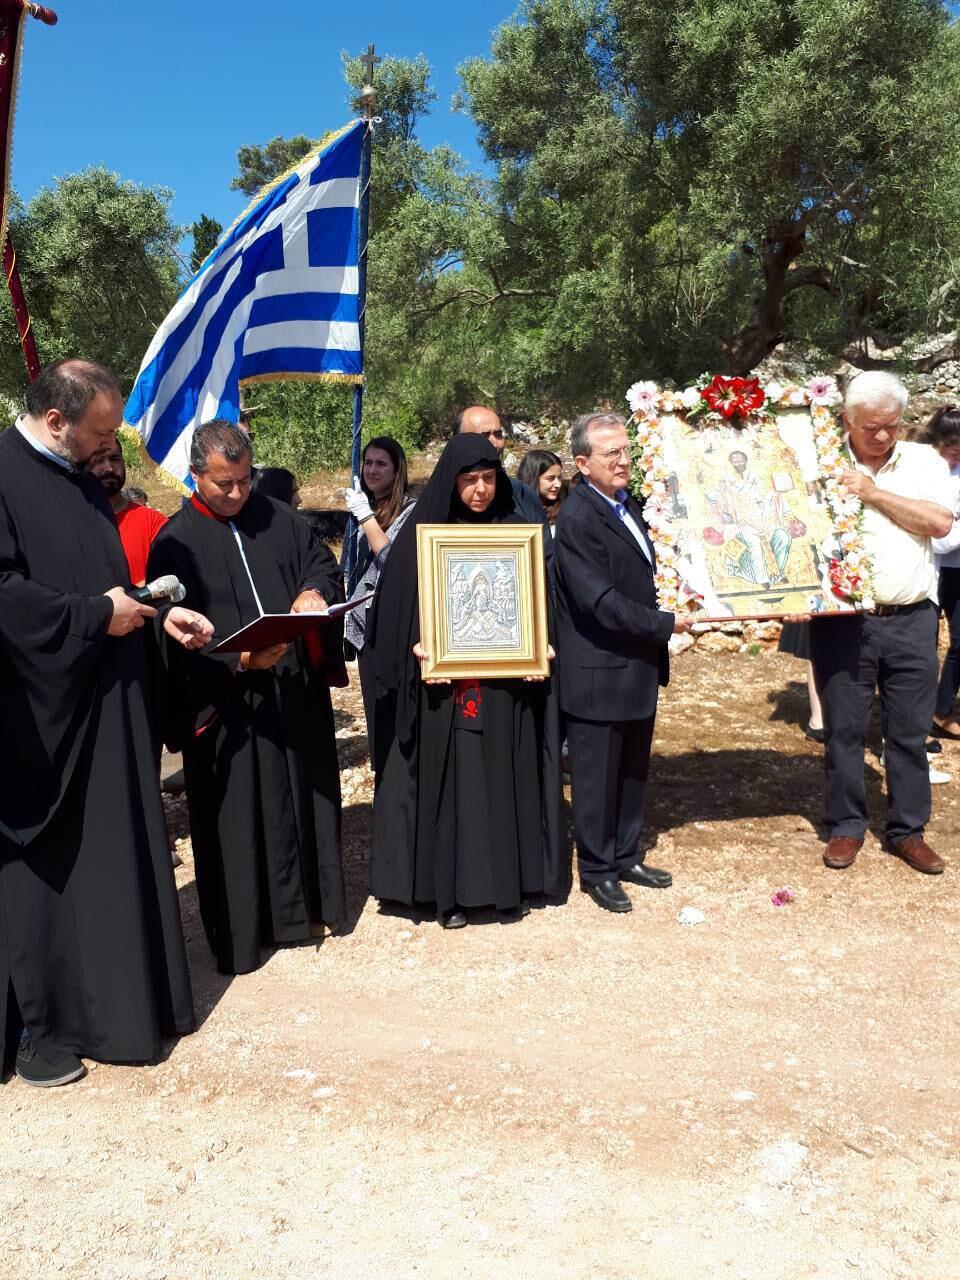 λατρευτικές εκδηλώσεις ιερού λειψάνου του Αγίου Νικολάου Γυναικεία Μονή Ιρά Αθανίου